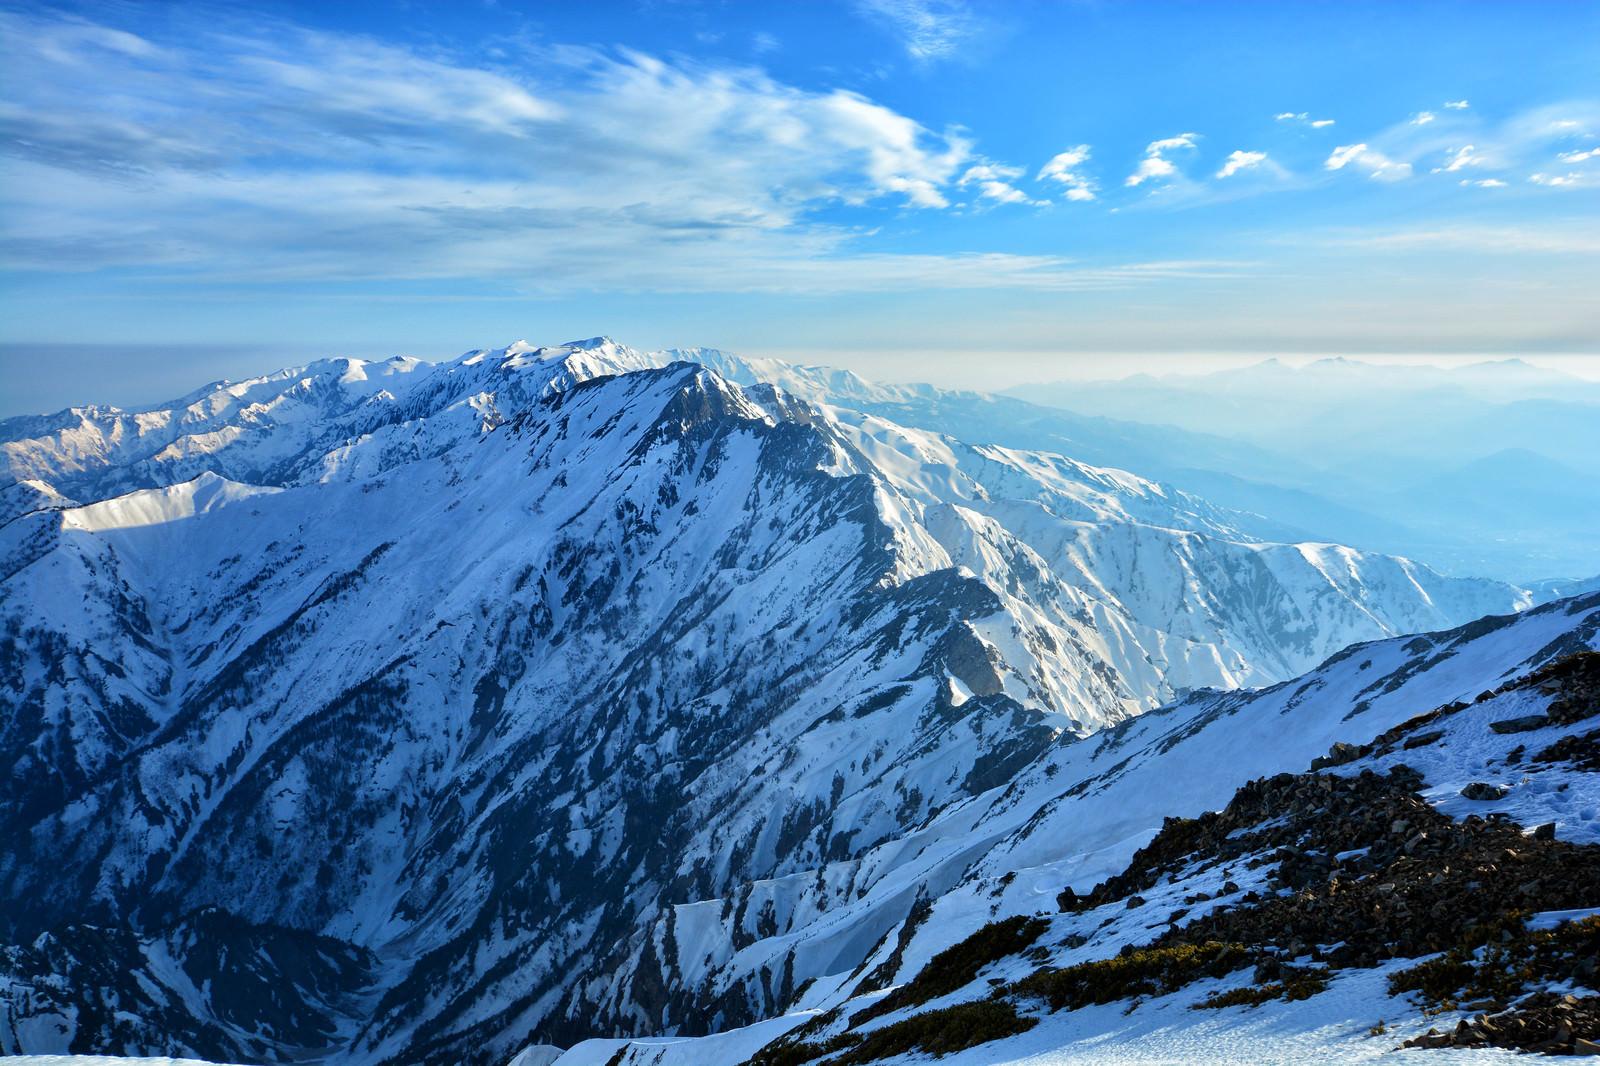 「残雪の五竜岳と八峰キレット(北アルプス) | 写真の無料素材・フリー素材 - ぱくたそ」の写真